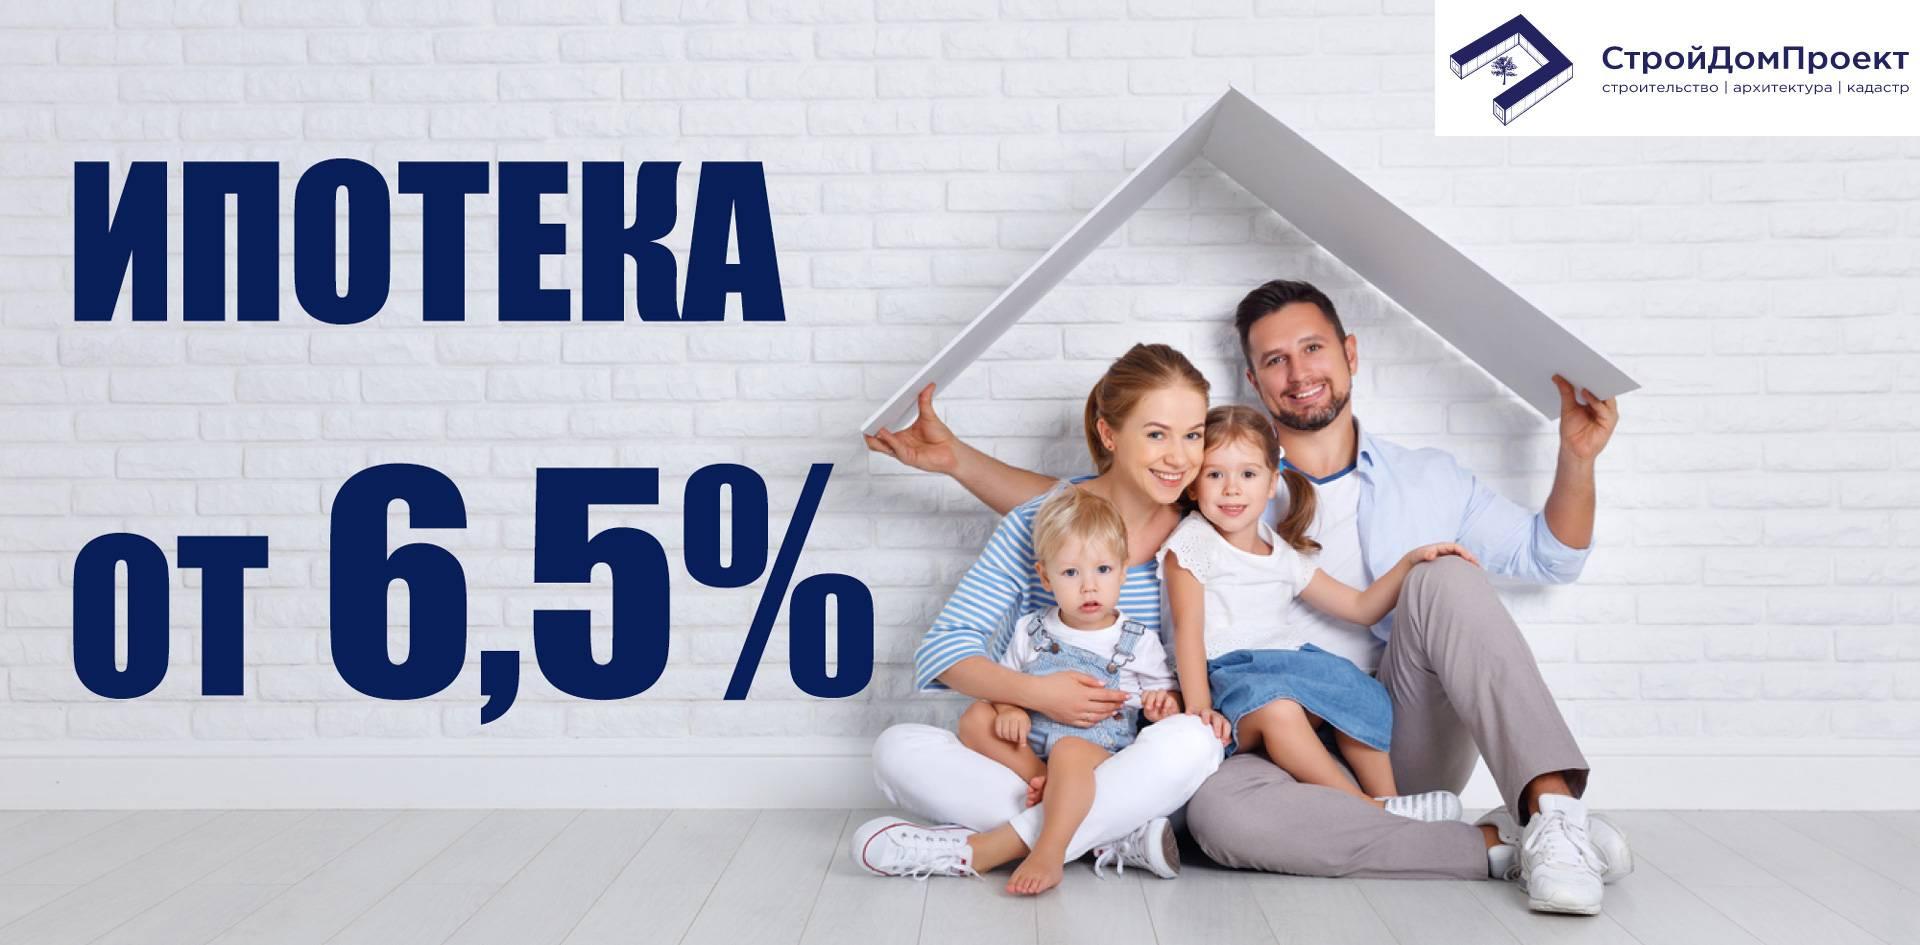 Ипотека в финляндии: условия, банки и процентные ставки